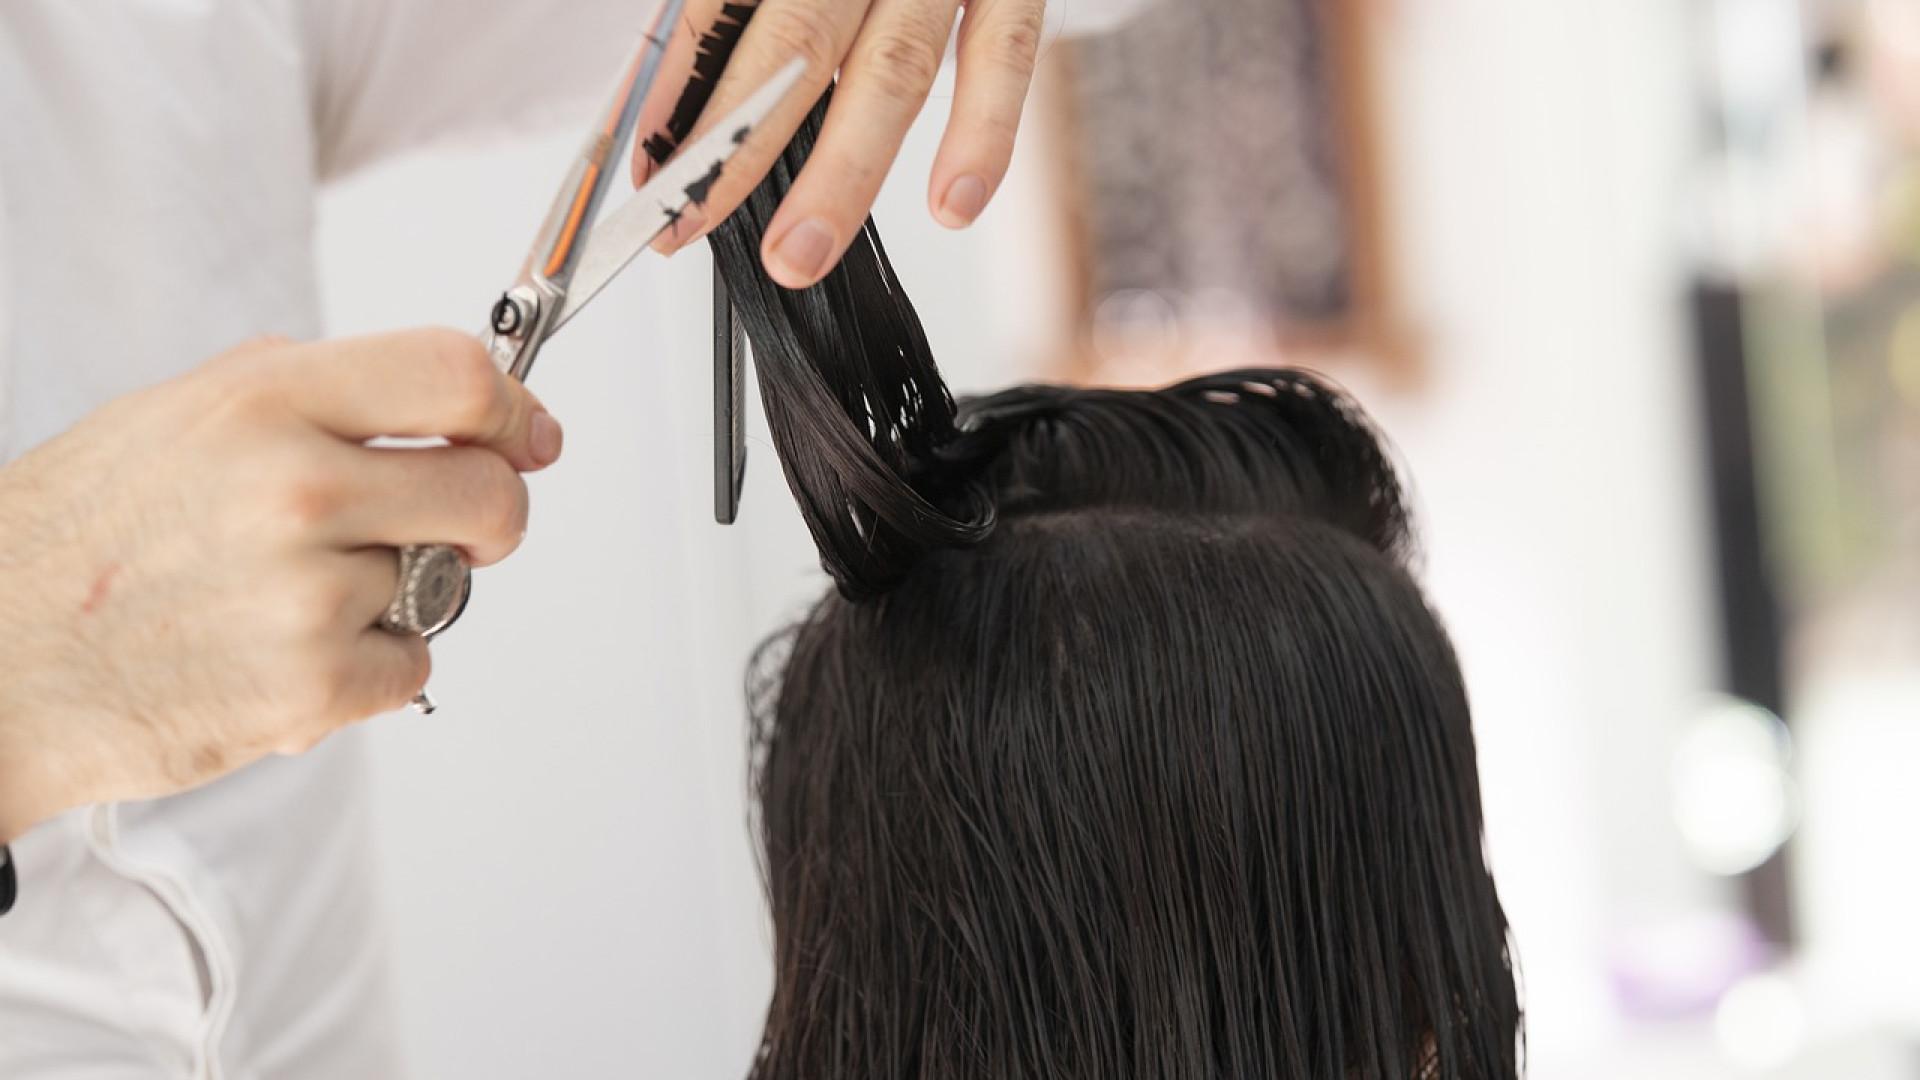 Lissage de cheveux : quel type choisir ?